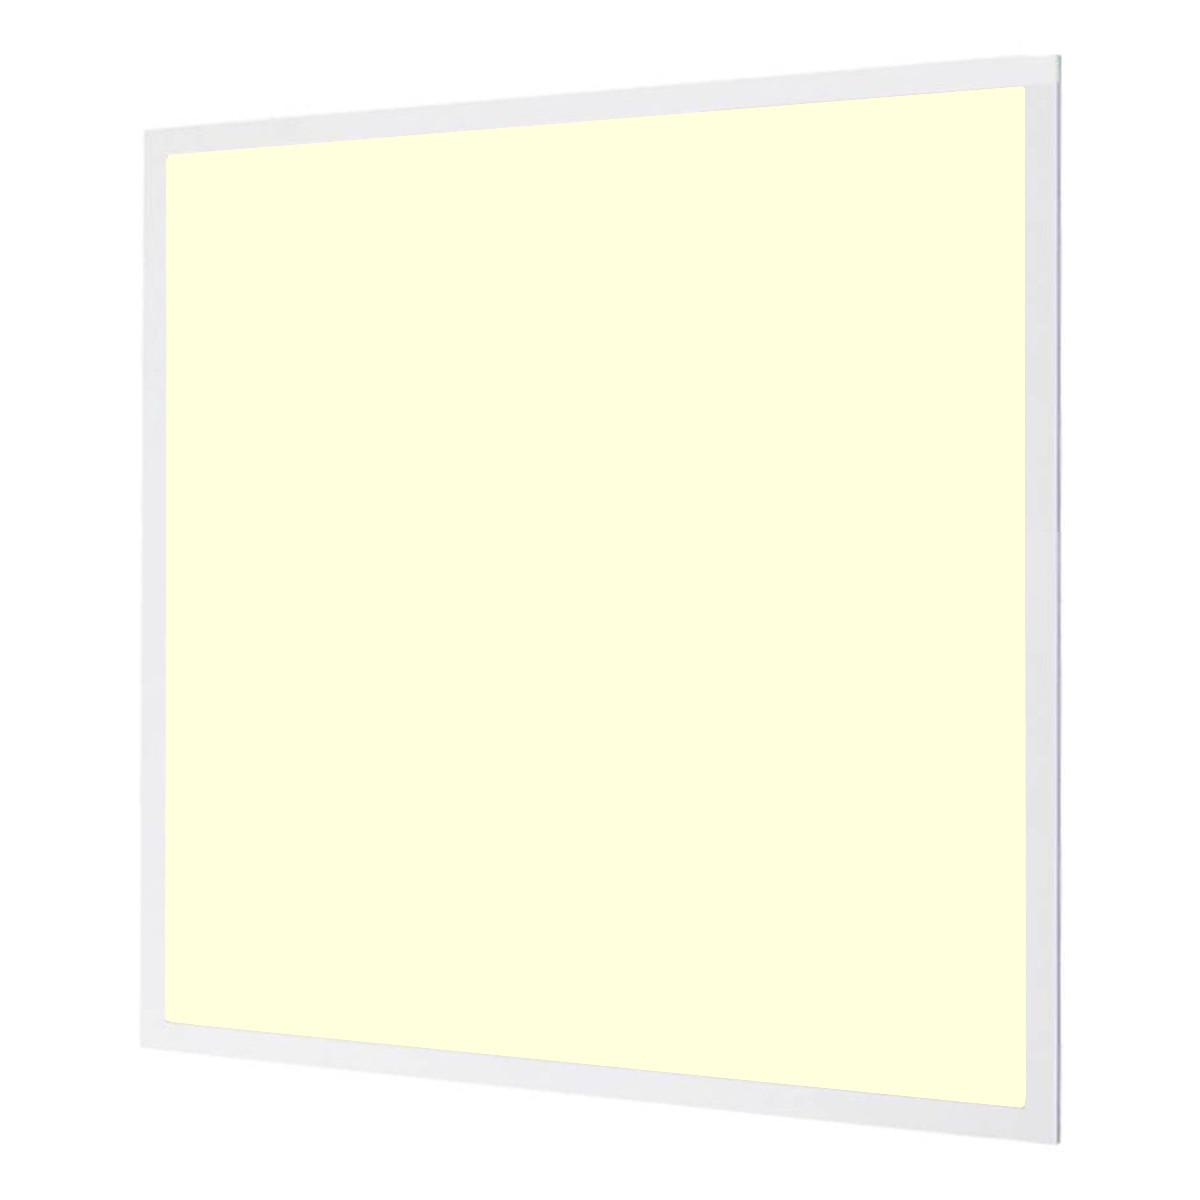 LED Paneel - Aigi - 60x60 Warm Wit 3000K - 32W High Lumen - Inbouw Vierkant - Inclusief Stekker - Mat Wit - Flikkervrij